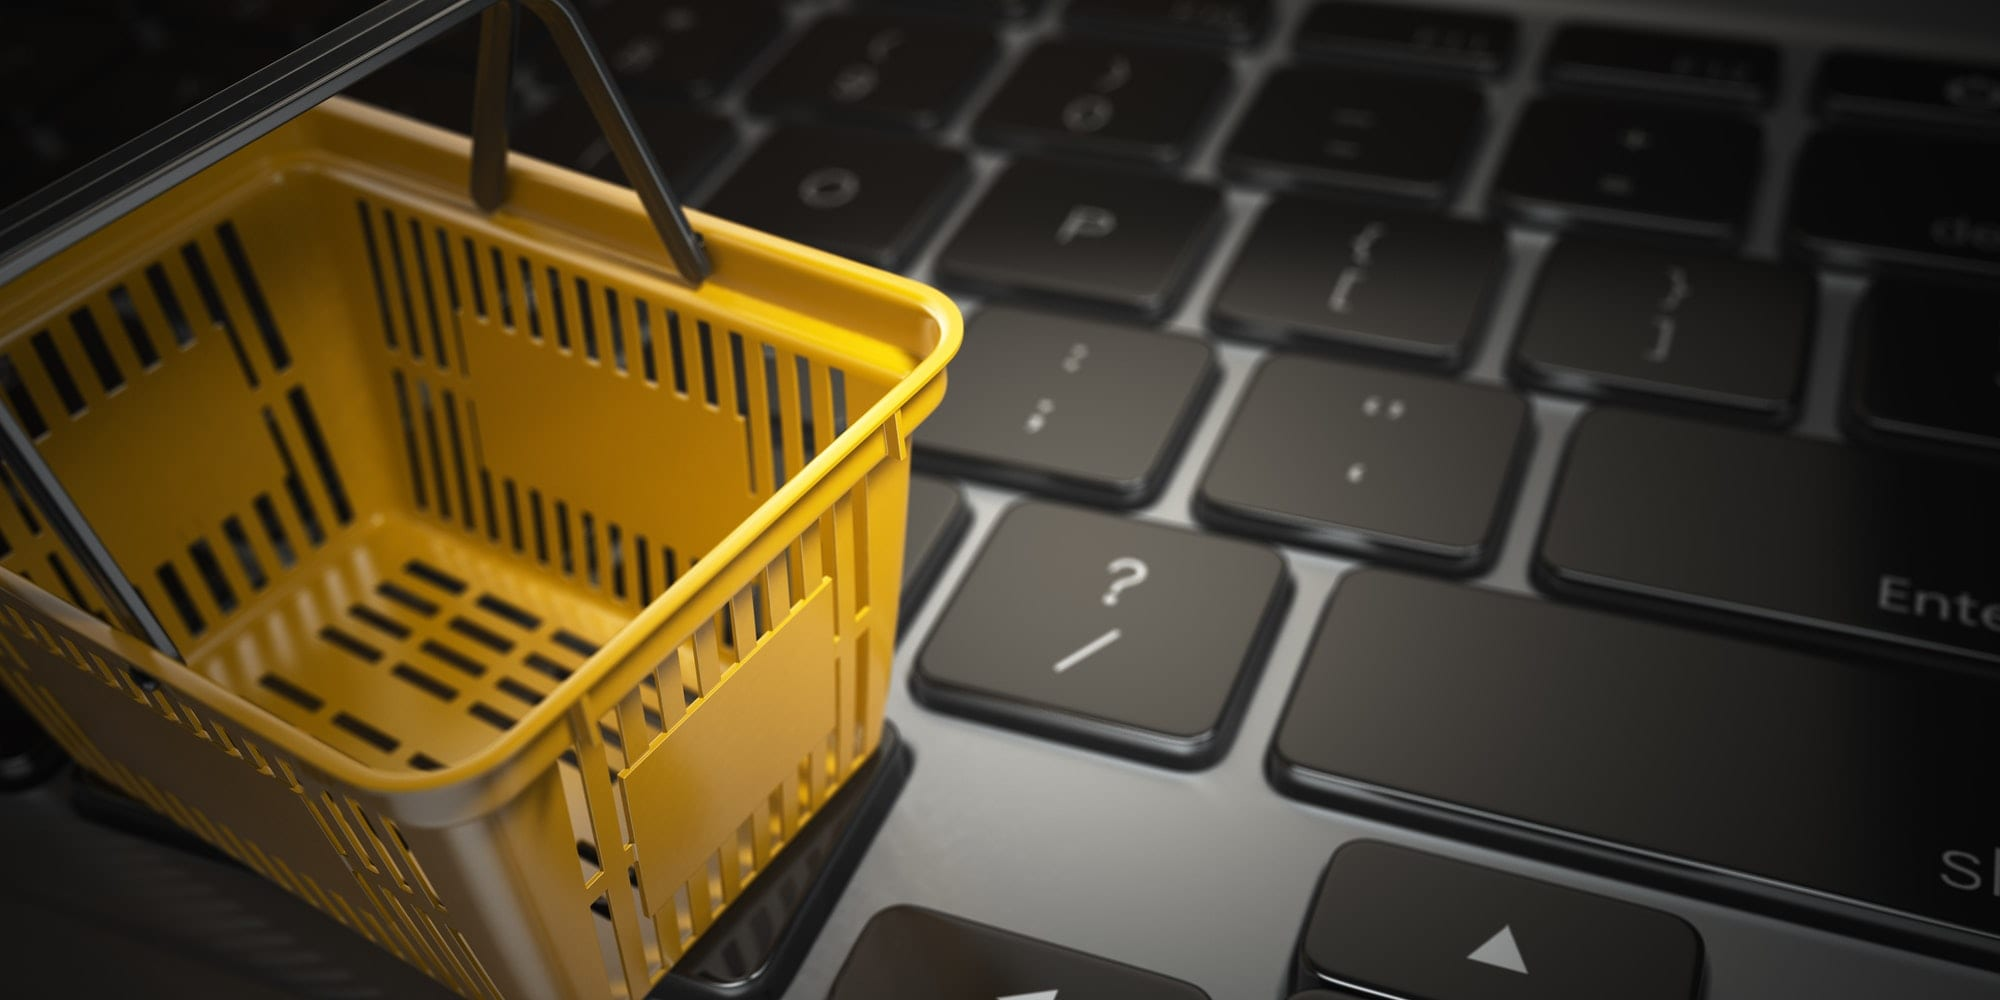 yellow shopping basket on laptop keyboard